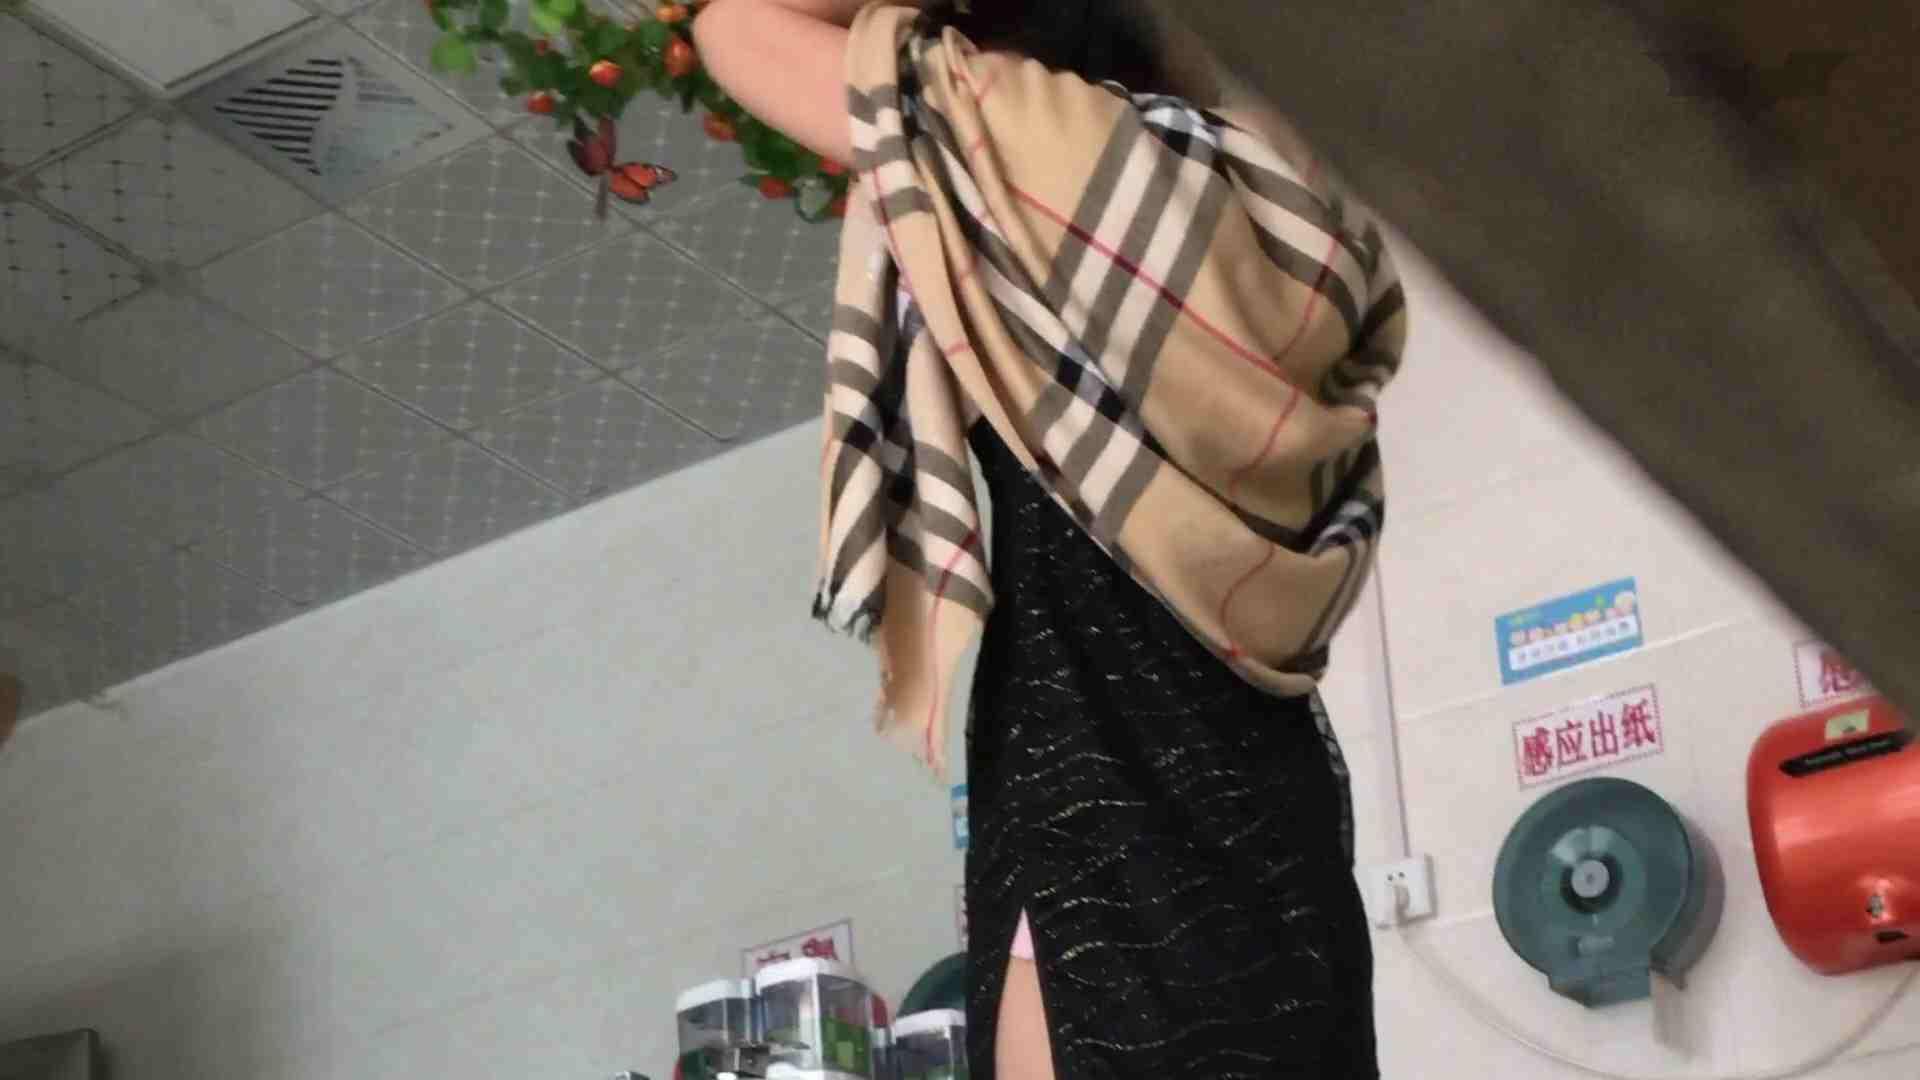 芸術大学ガチ潜入盗撮 JD盗撮 美女の洗面所の秘密 Vol.111 トイレの実態 おまんこ動画流出 49PIX 35